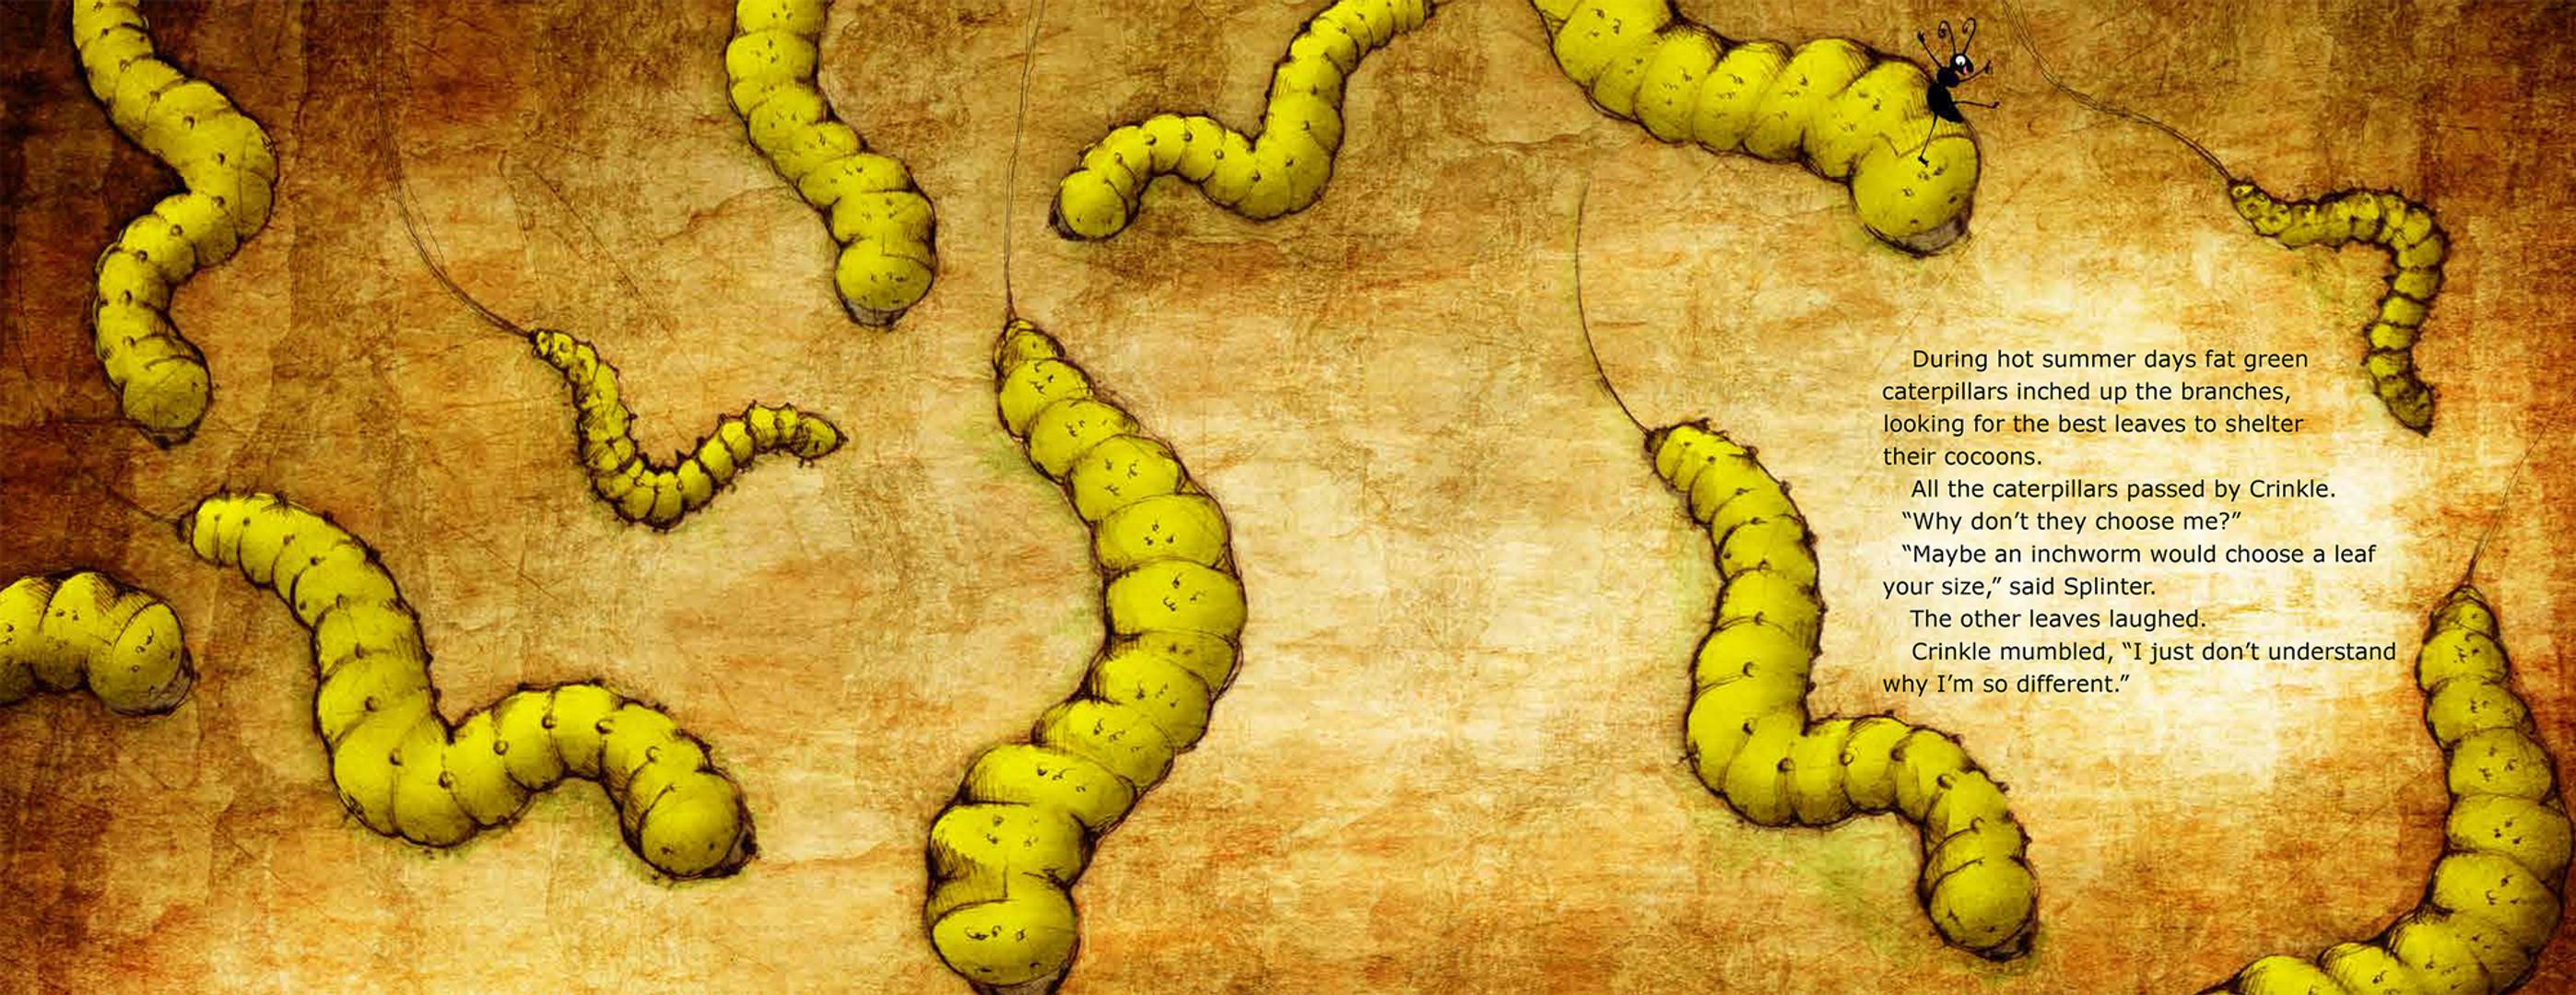 Last Leaf caterpillars